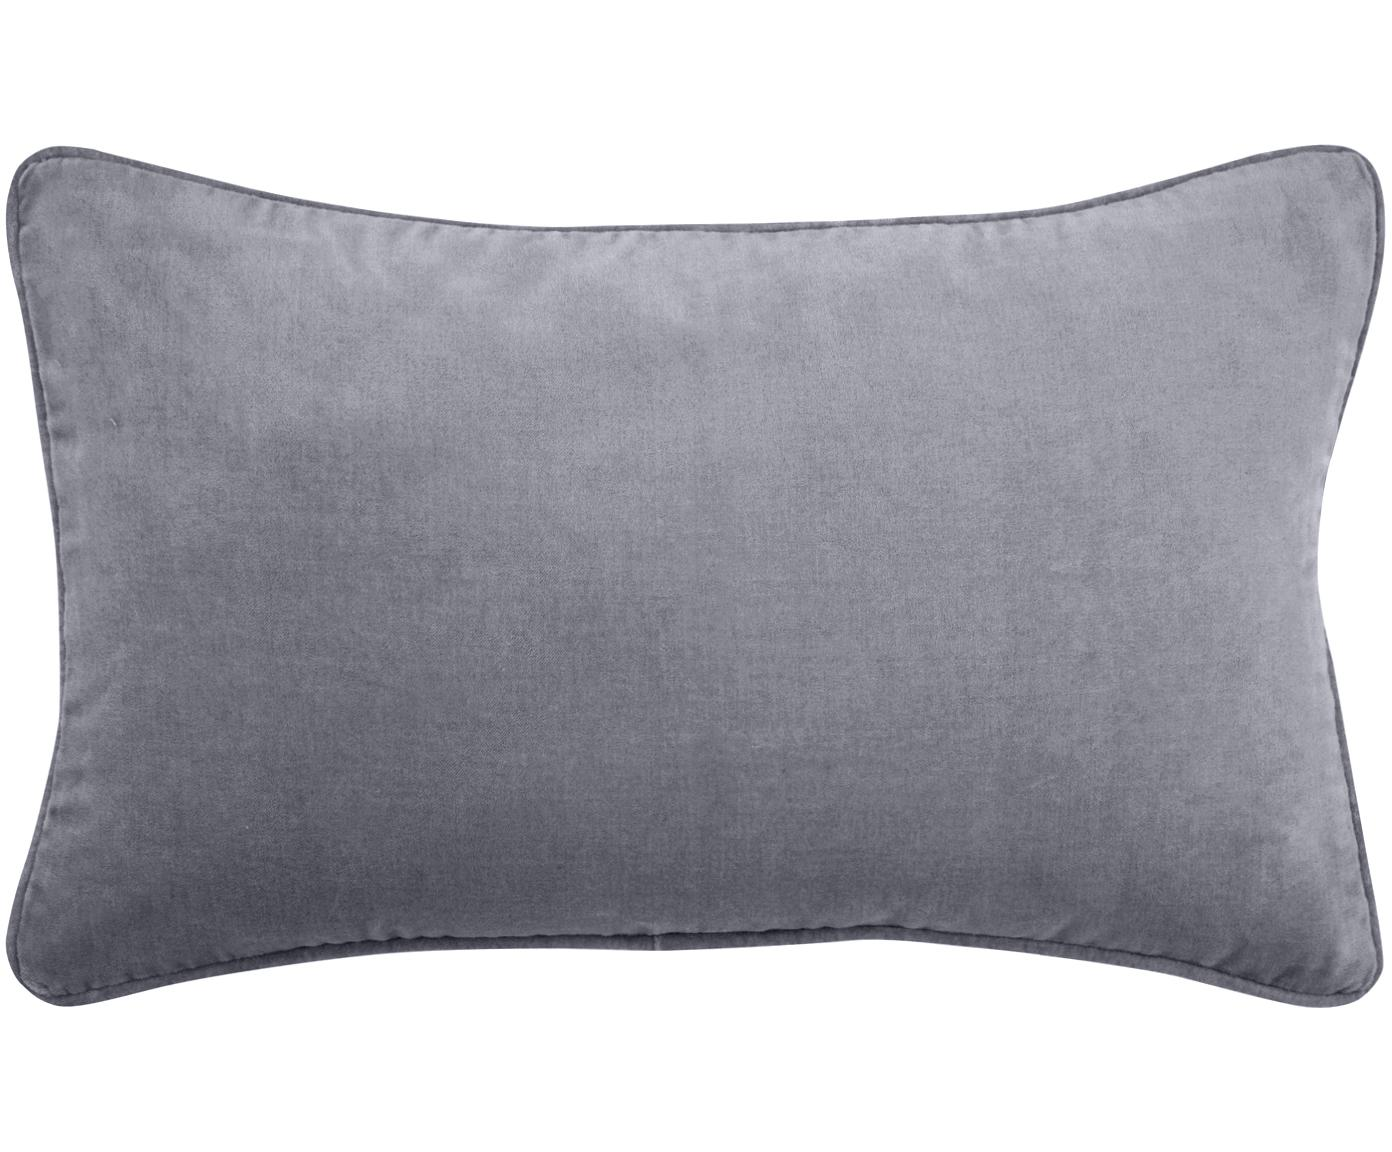 Poszewka na poduszkę z aksamitu Dana, 100% aksamit bawełniany, Ciemny szary, S 30 x D 50 cm